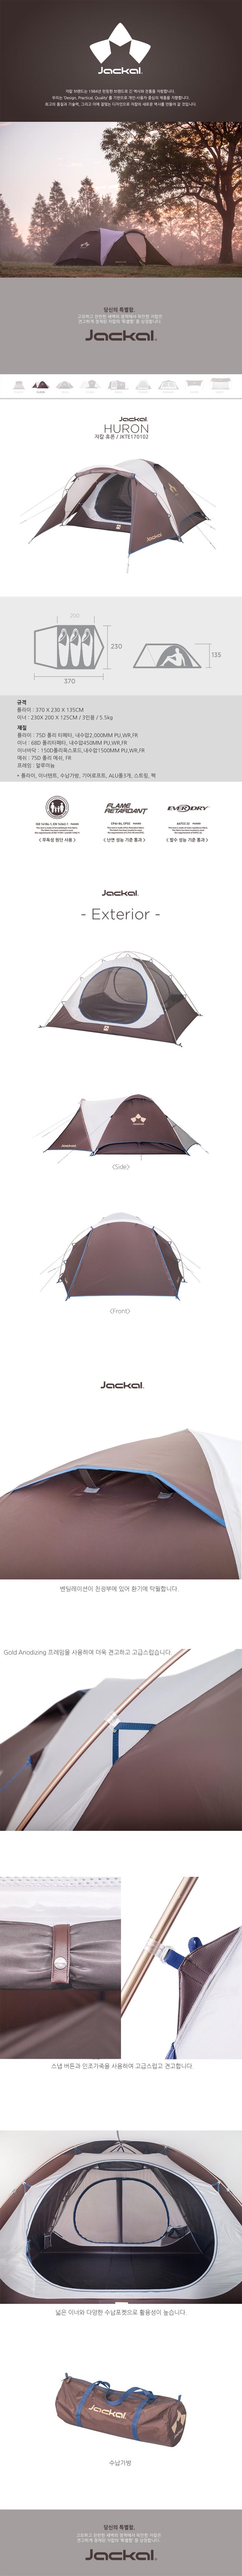 휴론 3인 돔텐트 - 쟈칼, 309,000원, 텐트, 2~3인용 텐트